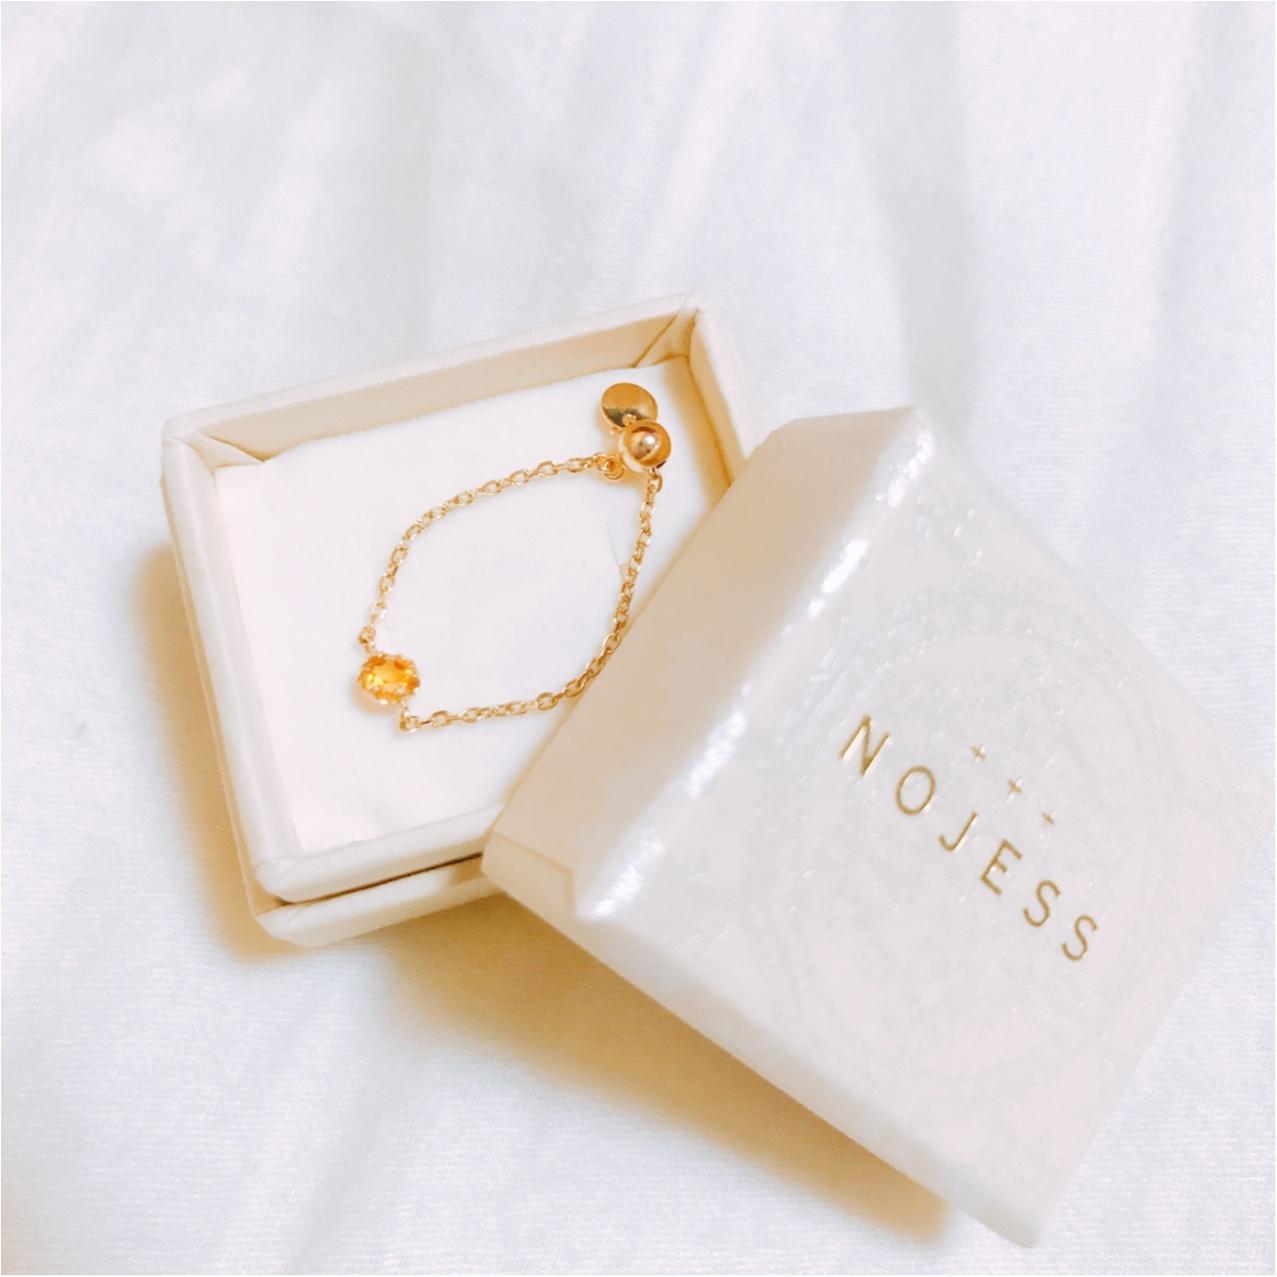 ノジェス 3月誕生石K10チェーンピンキーリング/ (NOJESS)